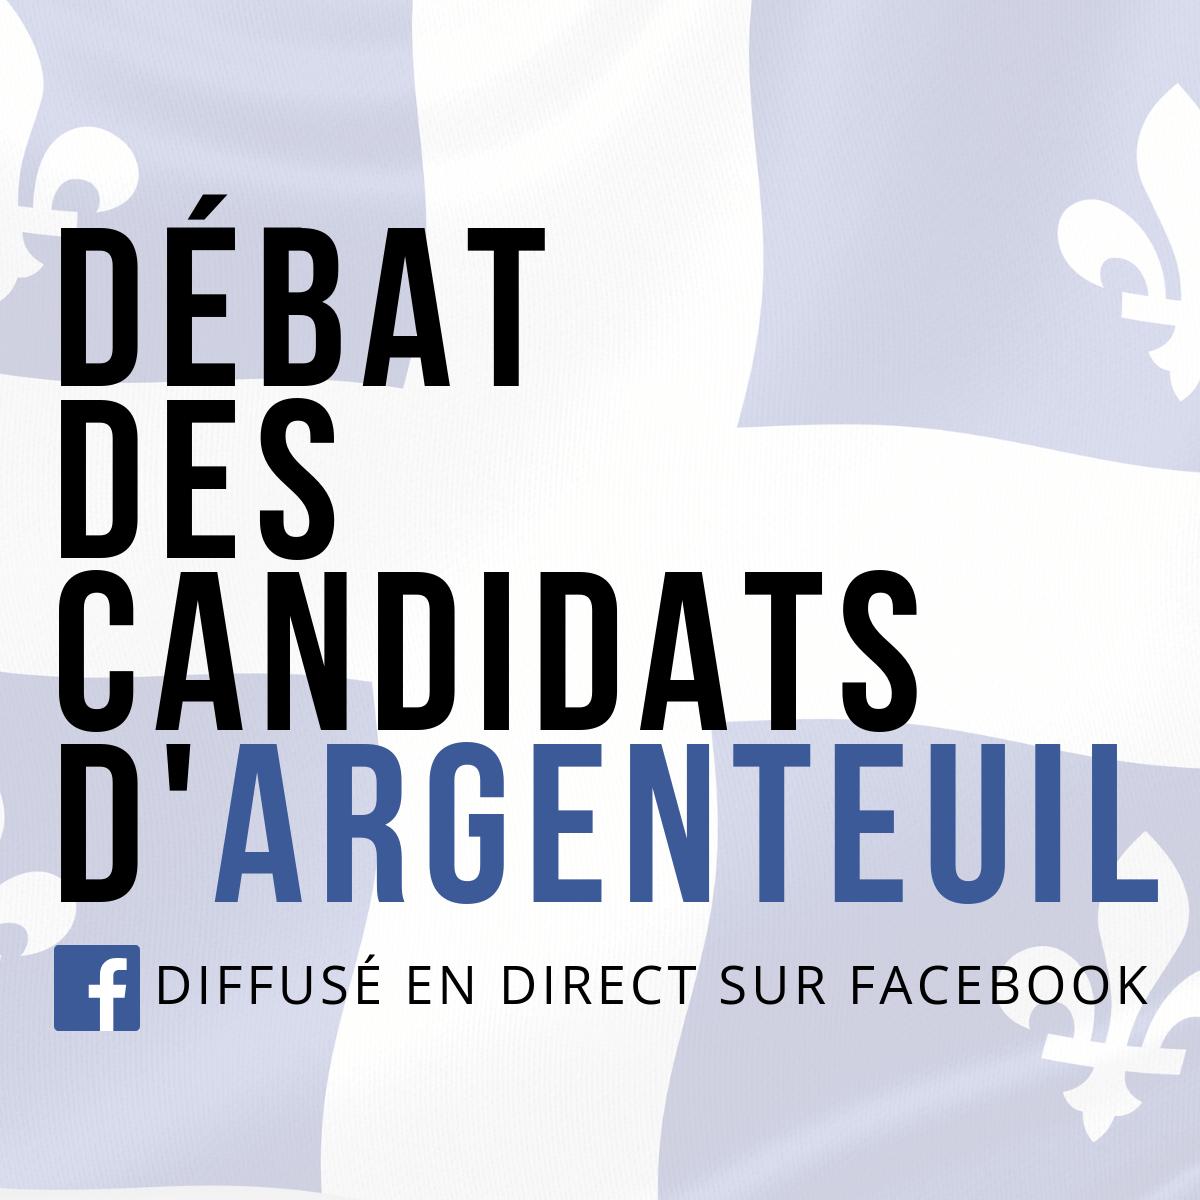 Facebook en direct: débat des candidats d'Argenteuil